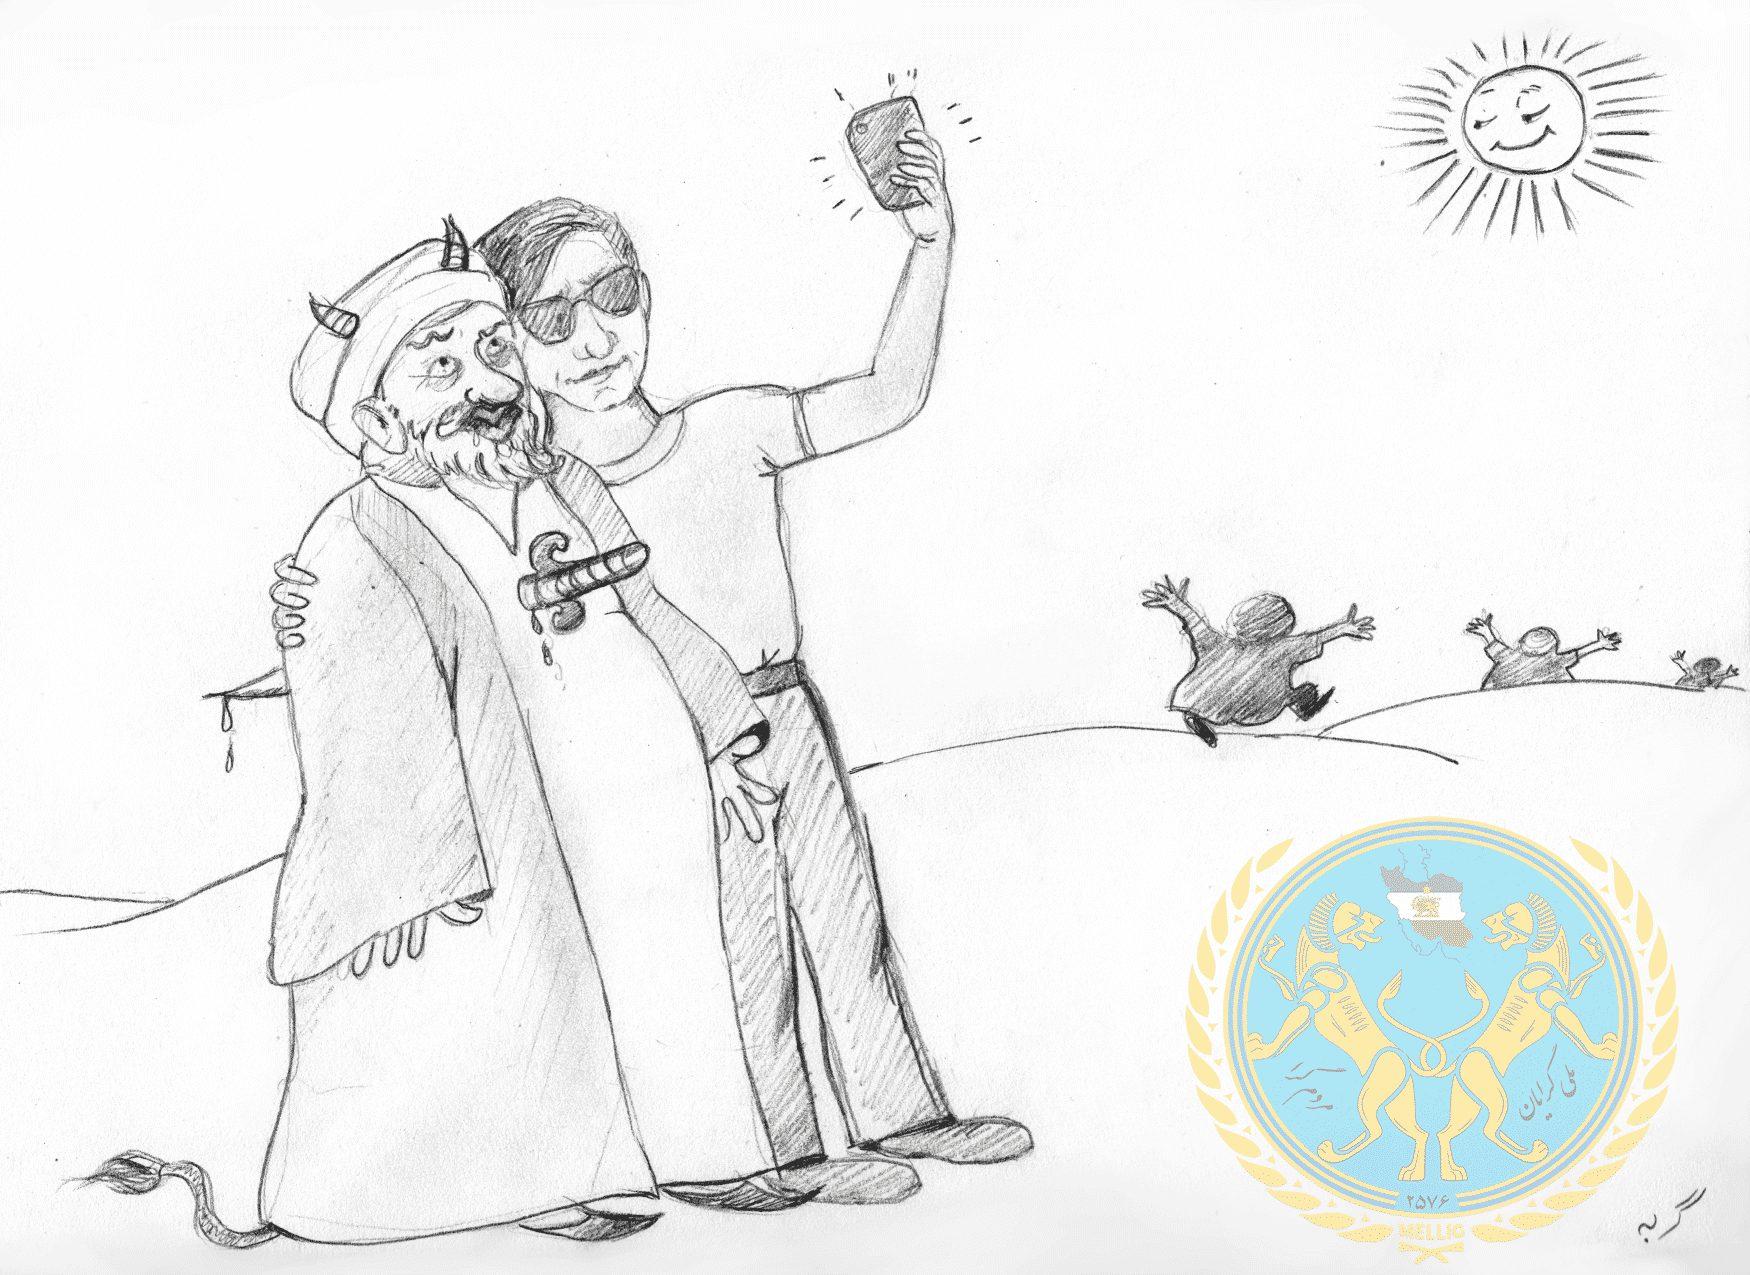 تا اخوندکشی شروع نشه ایران ما ازاد نخواهد شد-روز ازادی ایران